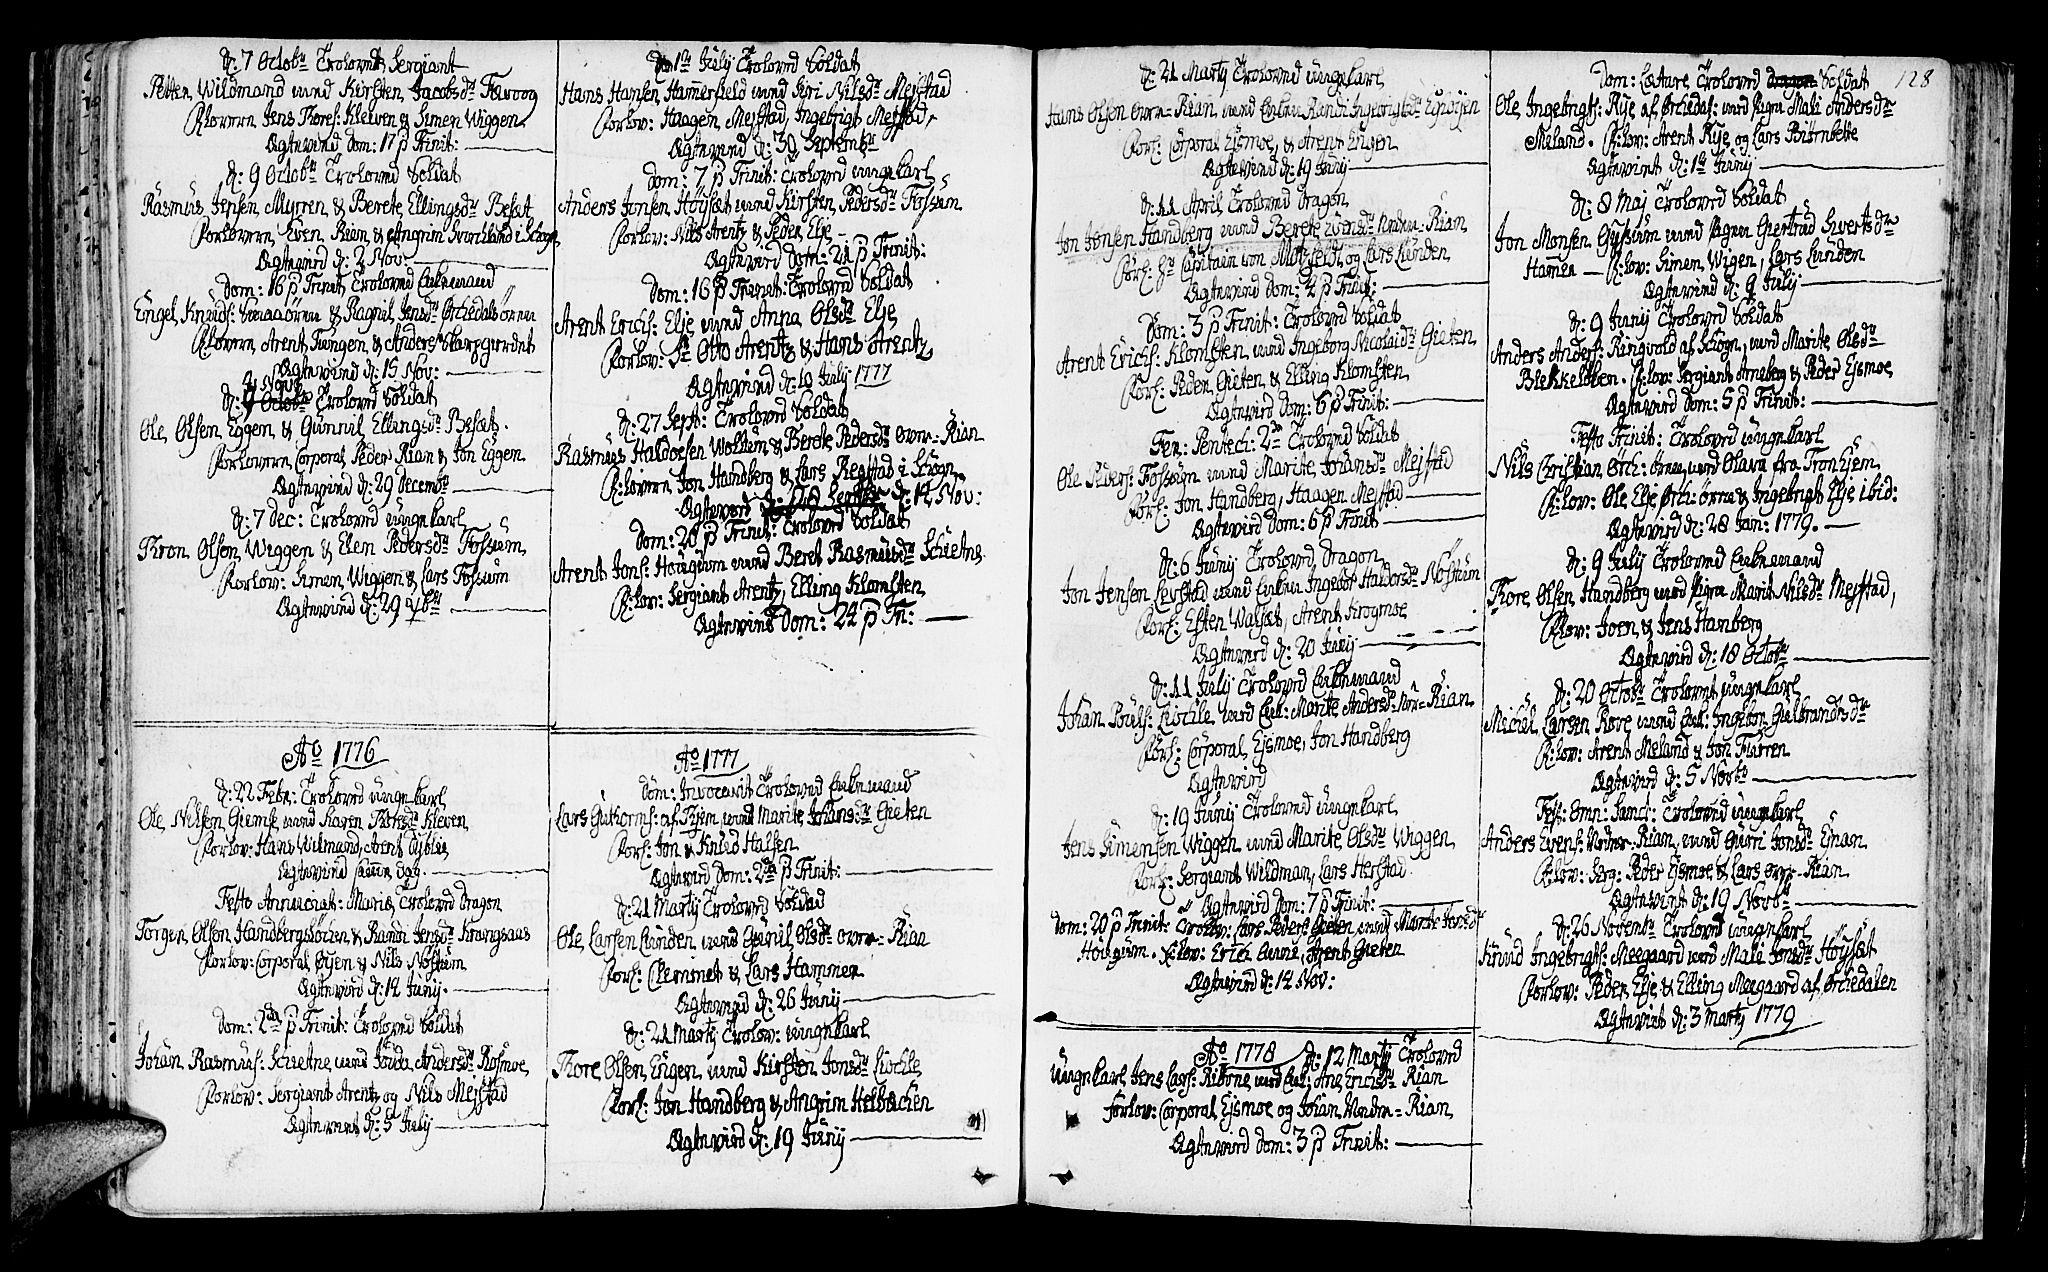 SAT, Ministerialprotokoller, klokkerbøker og fødselsregistre - Sør-Trøndelag, 665/L0768: Ministerialbok nr. 665A03, 1754-1803, s. 128